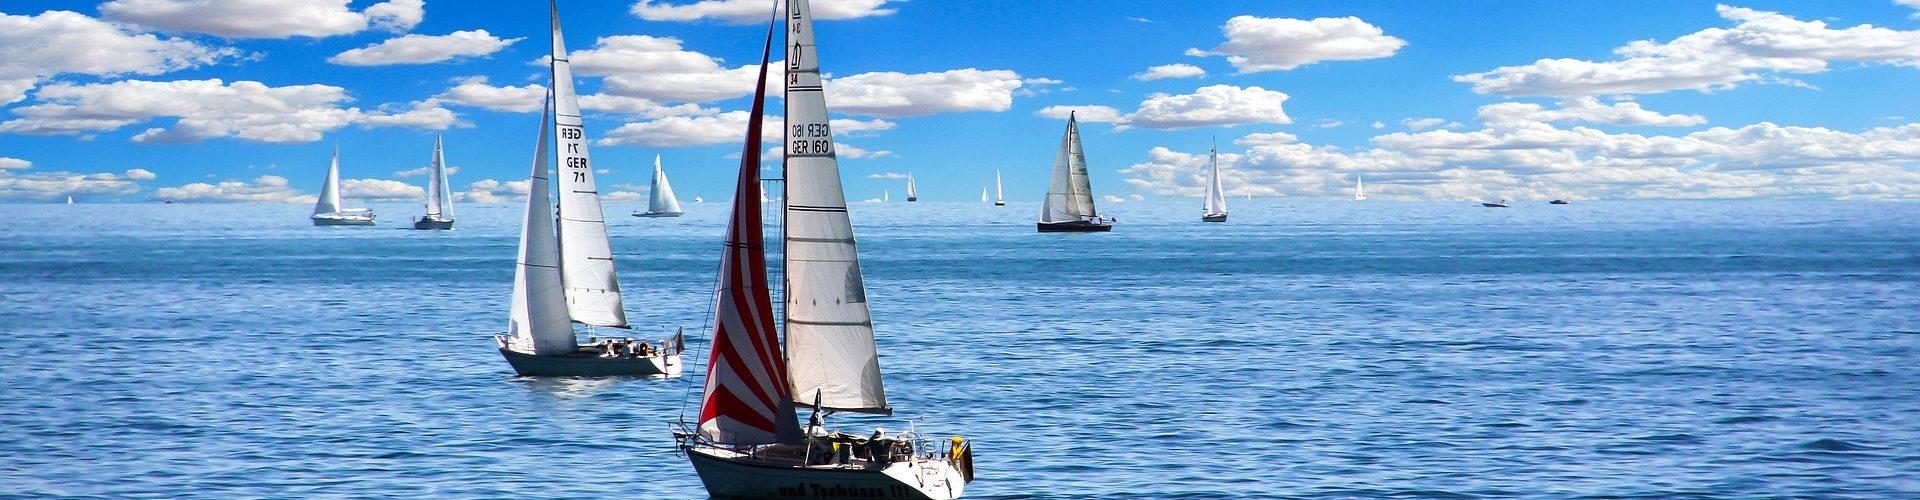 segeln lernen in Maasholm segelschein machen in Maasholm 1920x500 - Segeln lernen in Maasholm